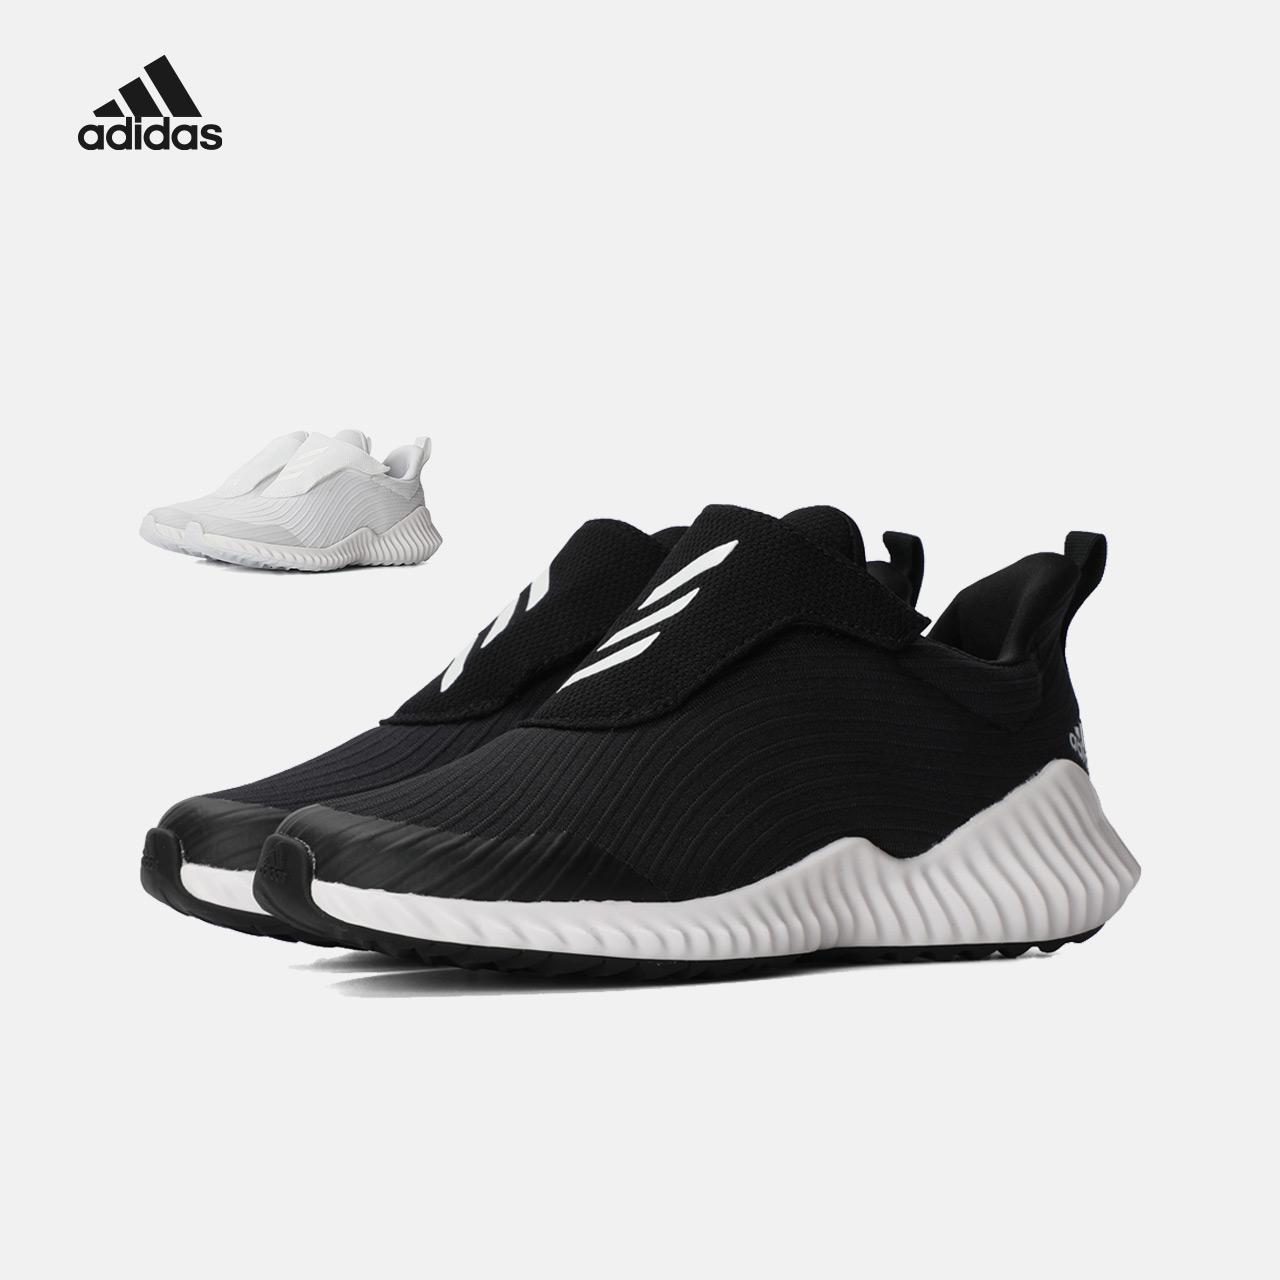 adidas阿迪达斯童鞋2018秋男女小童运动跑步鞋AH2627 AH2633